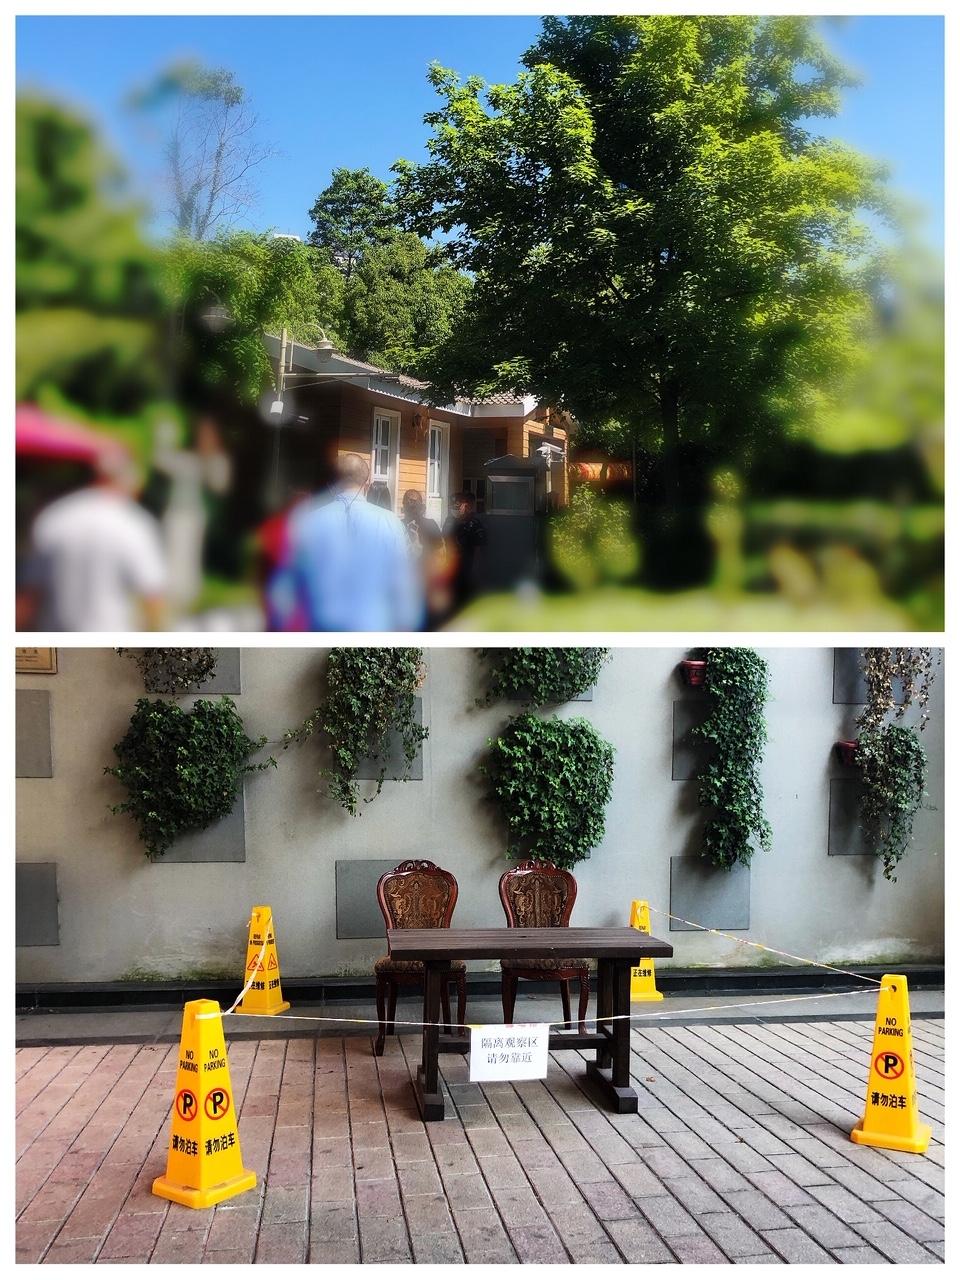 上海•公園入口では、検温実施で、観察隔離エリアもある!